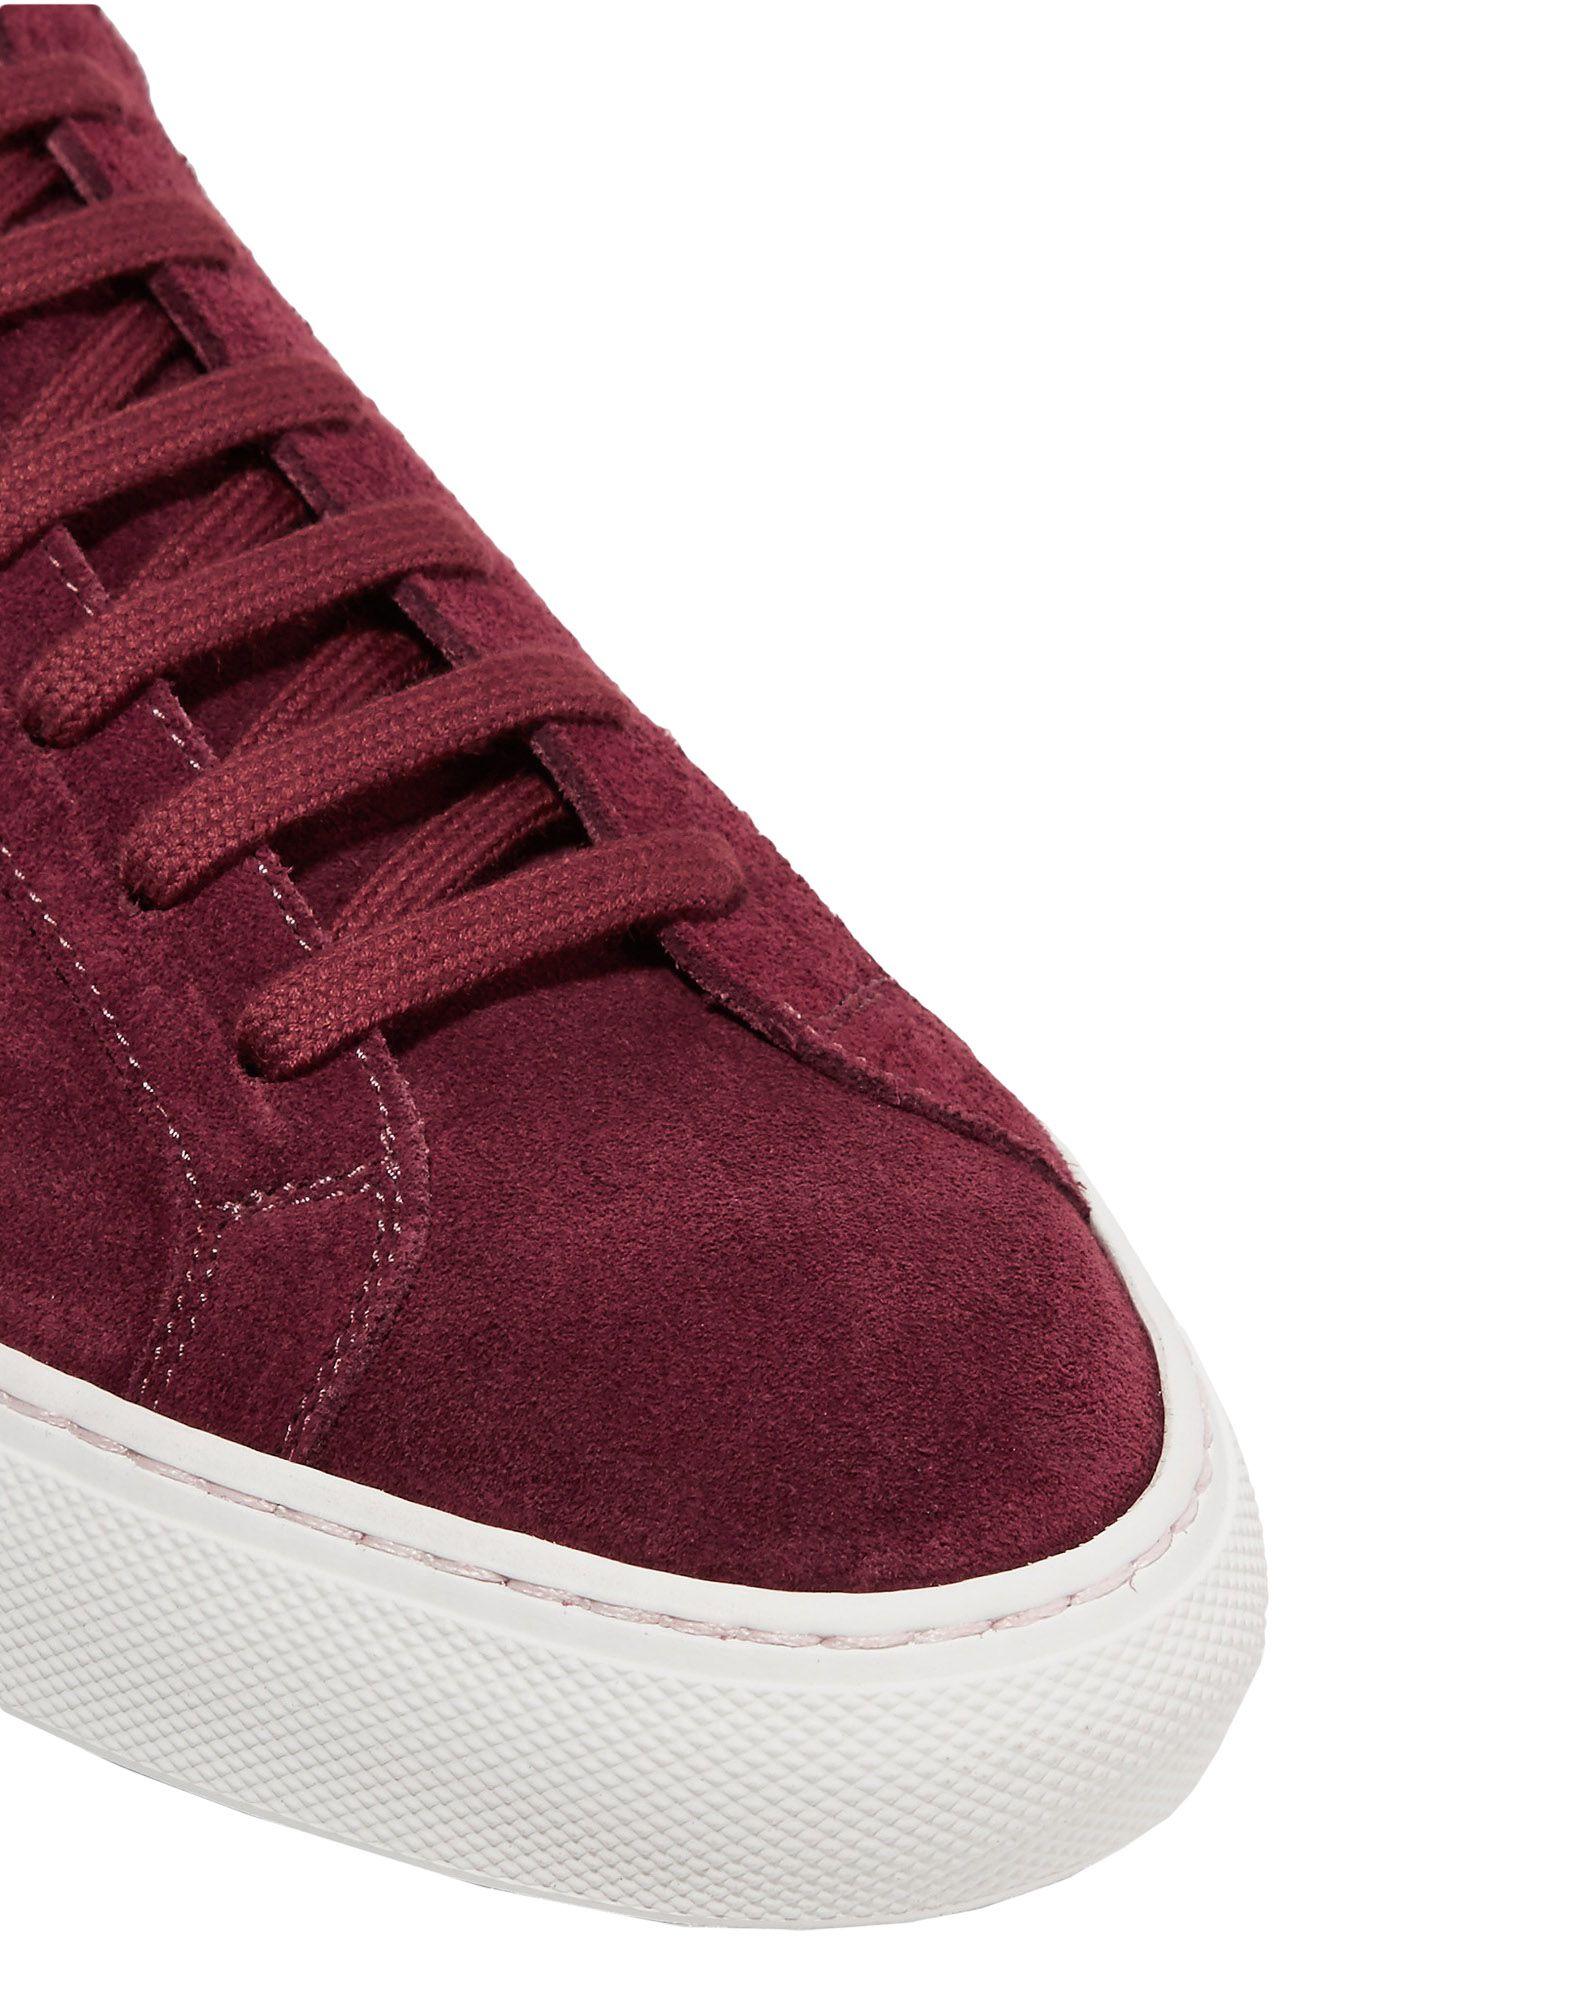 Woman Damen By Common Projects Sneakers Damen Woman  11523455OR Heiße Schuhe effe97